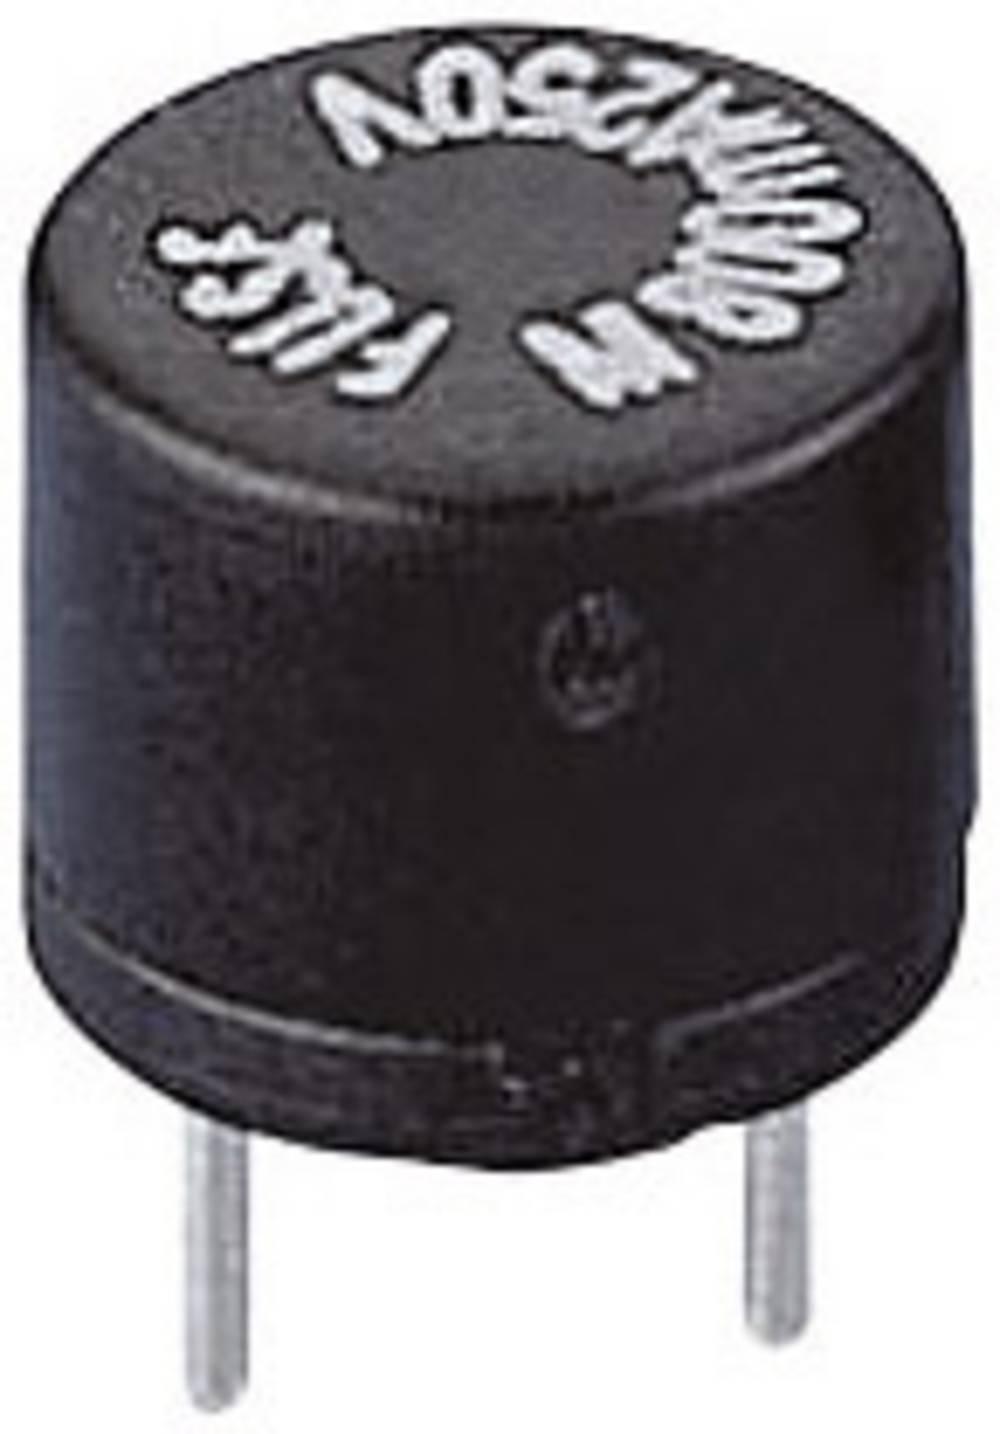 ESKA mali osigurač RM 5, 08 mm 882.016 (Š x V) 8, 4 mm x 7, 6 mmsrednje spor 0.8 A